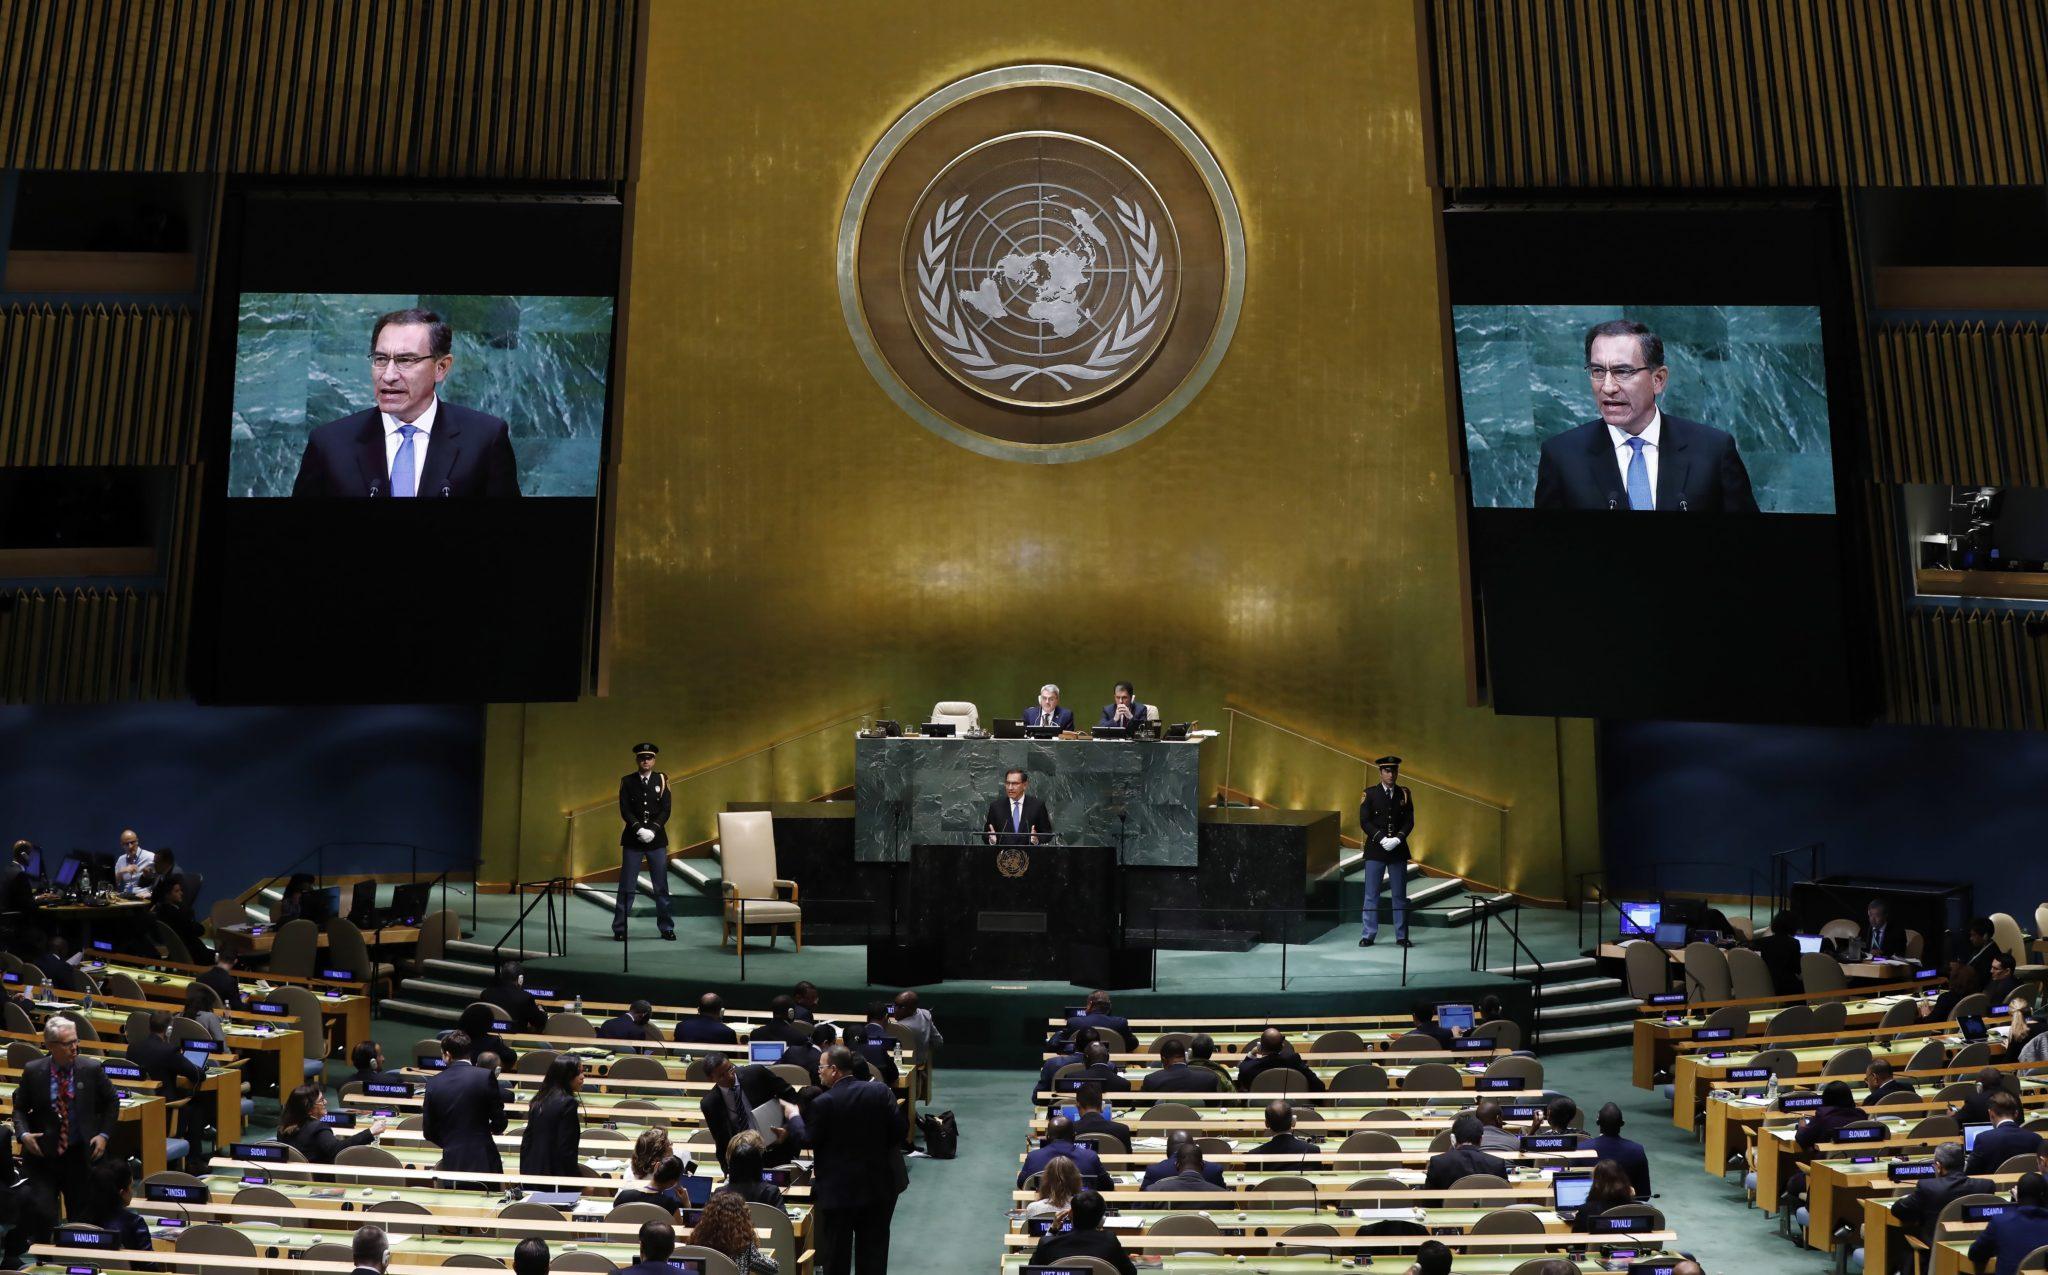 Nowy Jork: Sesja Zgromadzenia Ogólnego ONZ, fot. Justin Lane, PAP/EPA